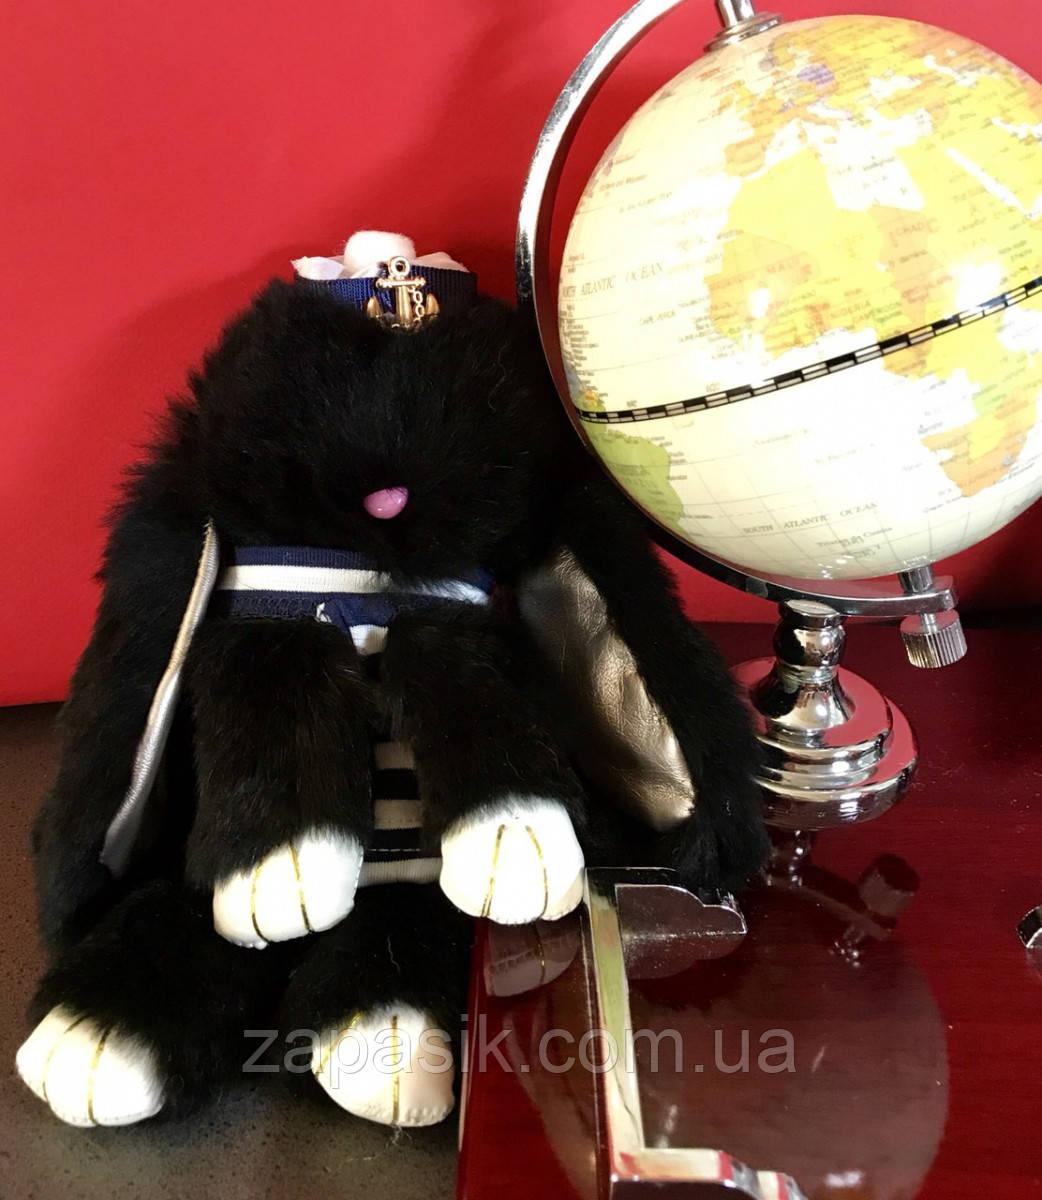 Оригинальный Сувенир Прикольный Меховой Кролик Морячок Брелок на Сумку Зайчик